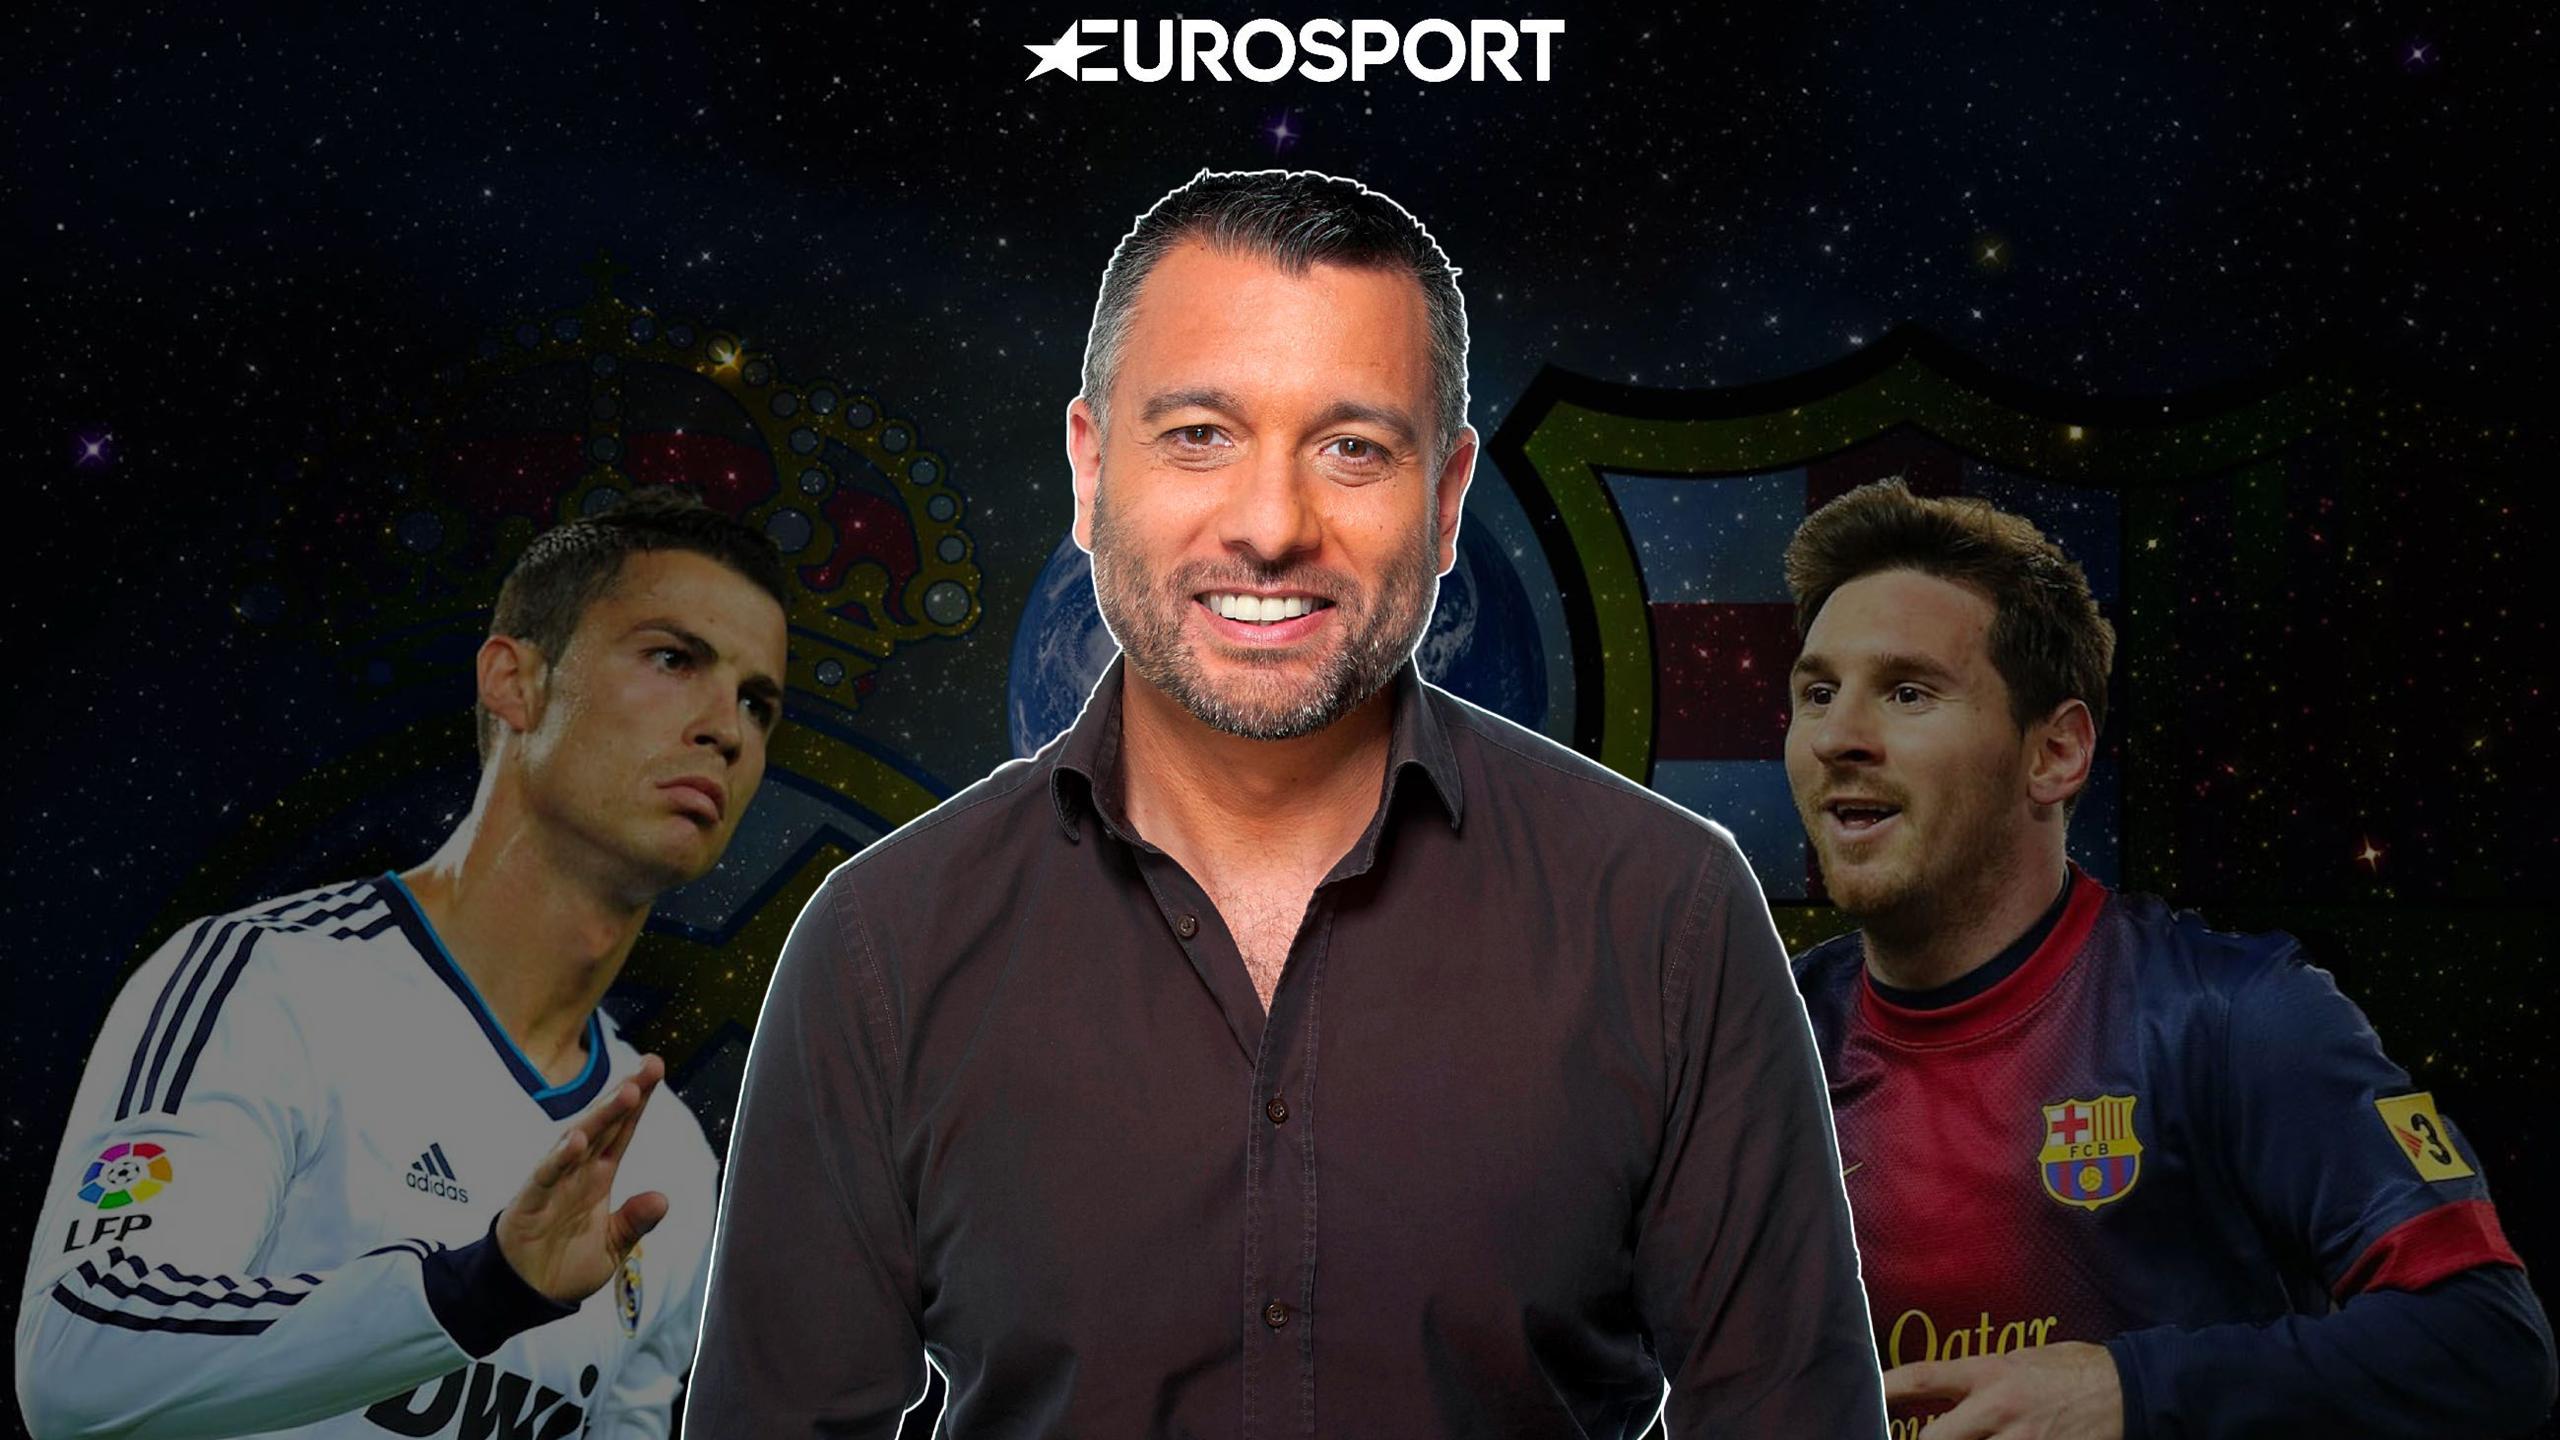 Биографии футбольных клубов испании